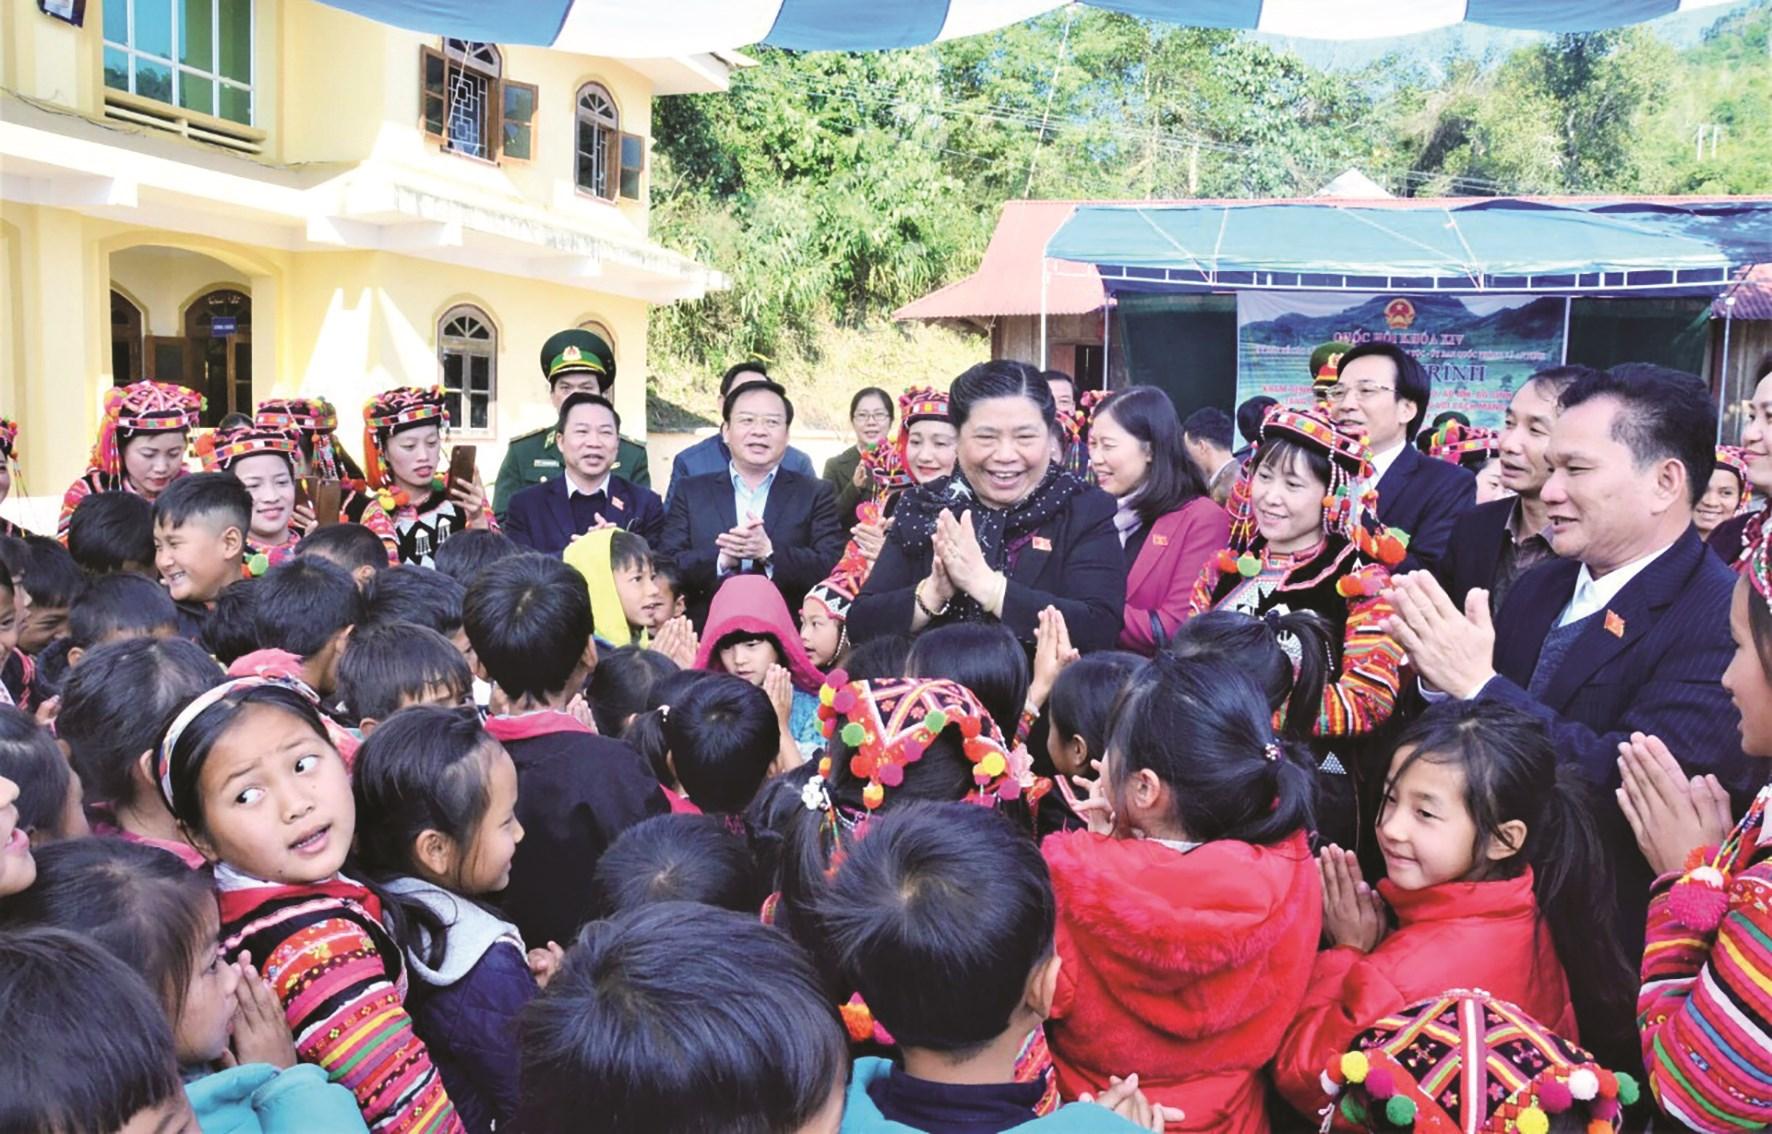 Phó Chủ tịch Thường trực Quốc hội Tòng Thị Phóng với trẻ em DTTS trong chuyến thăm, chúc Tết đồng bào các dân tộc huyện Mường Nhé, tỉnh Điện Biên (năm 2019).